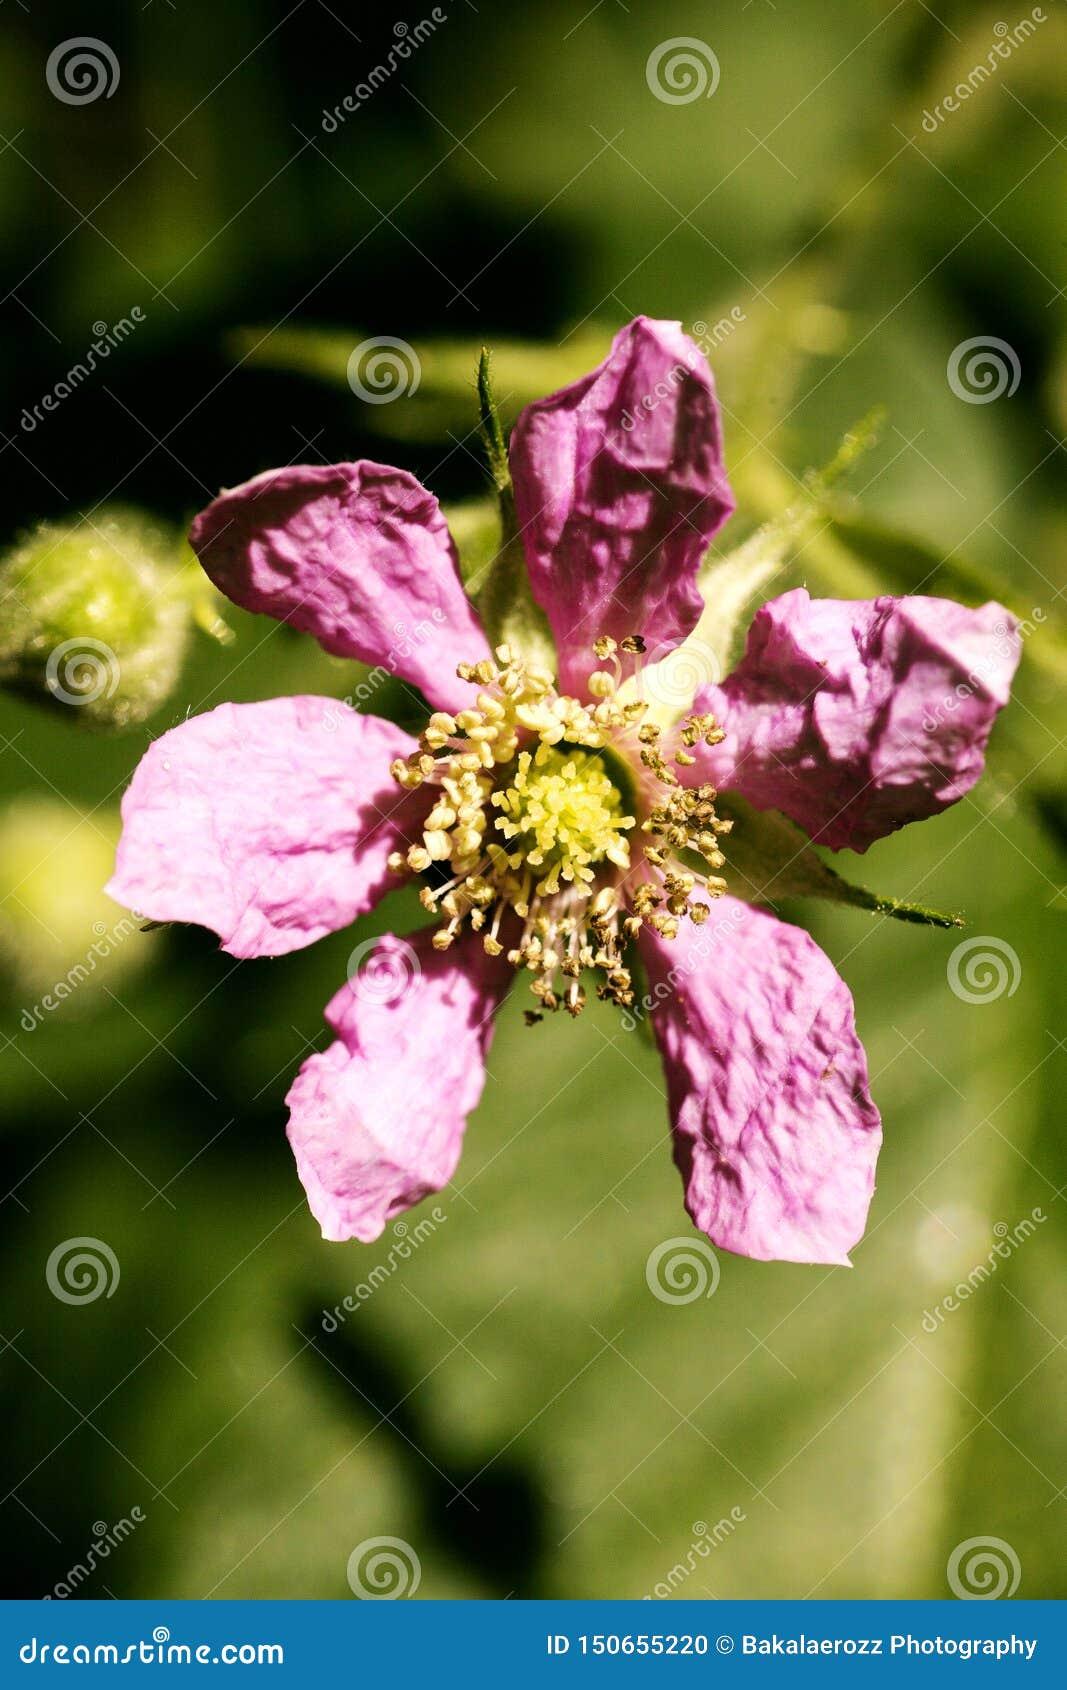 Konst för bakgrund för makro för familj för Rosaceae för blommaRubusoccidentalis i högkvalitativa tryckprodukter femtio megapixel